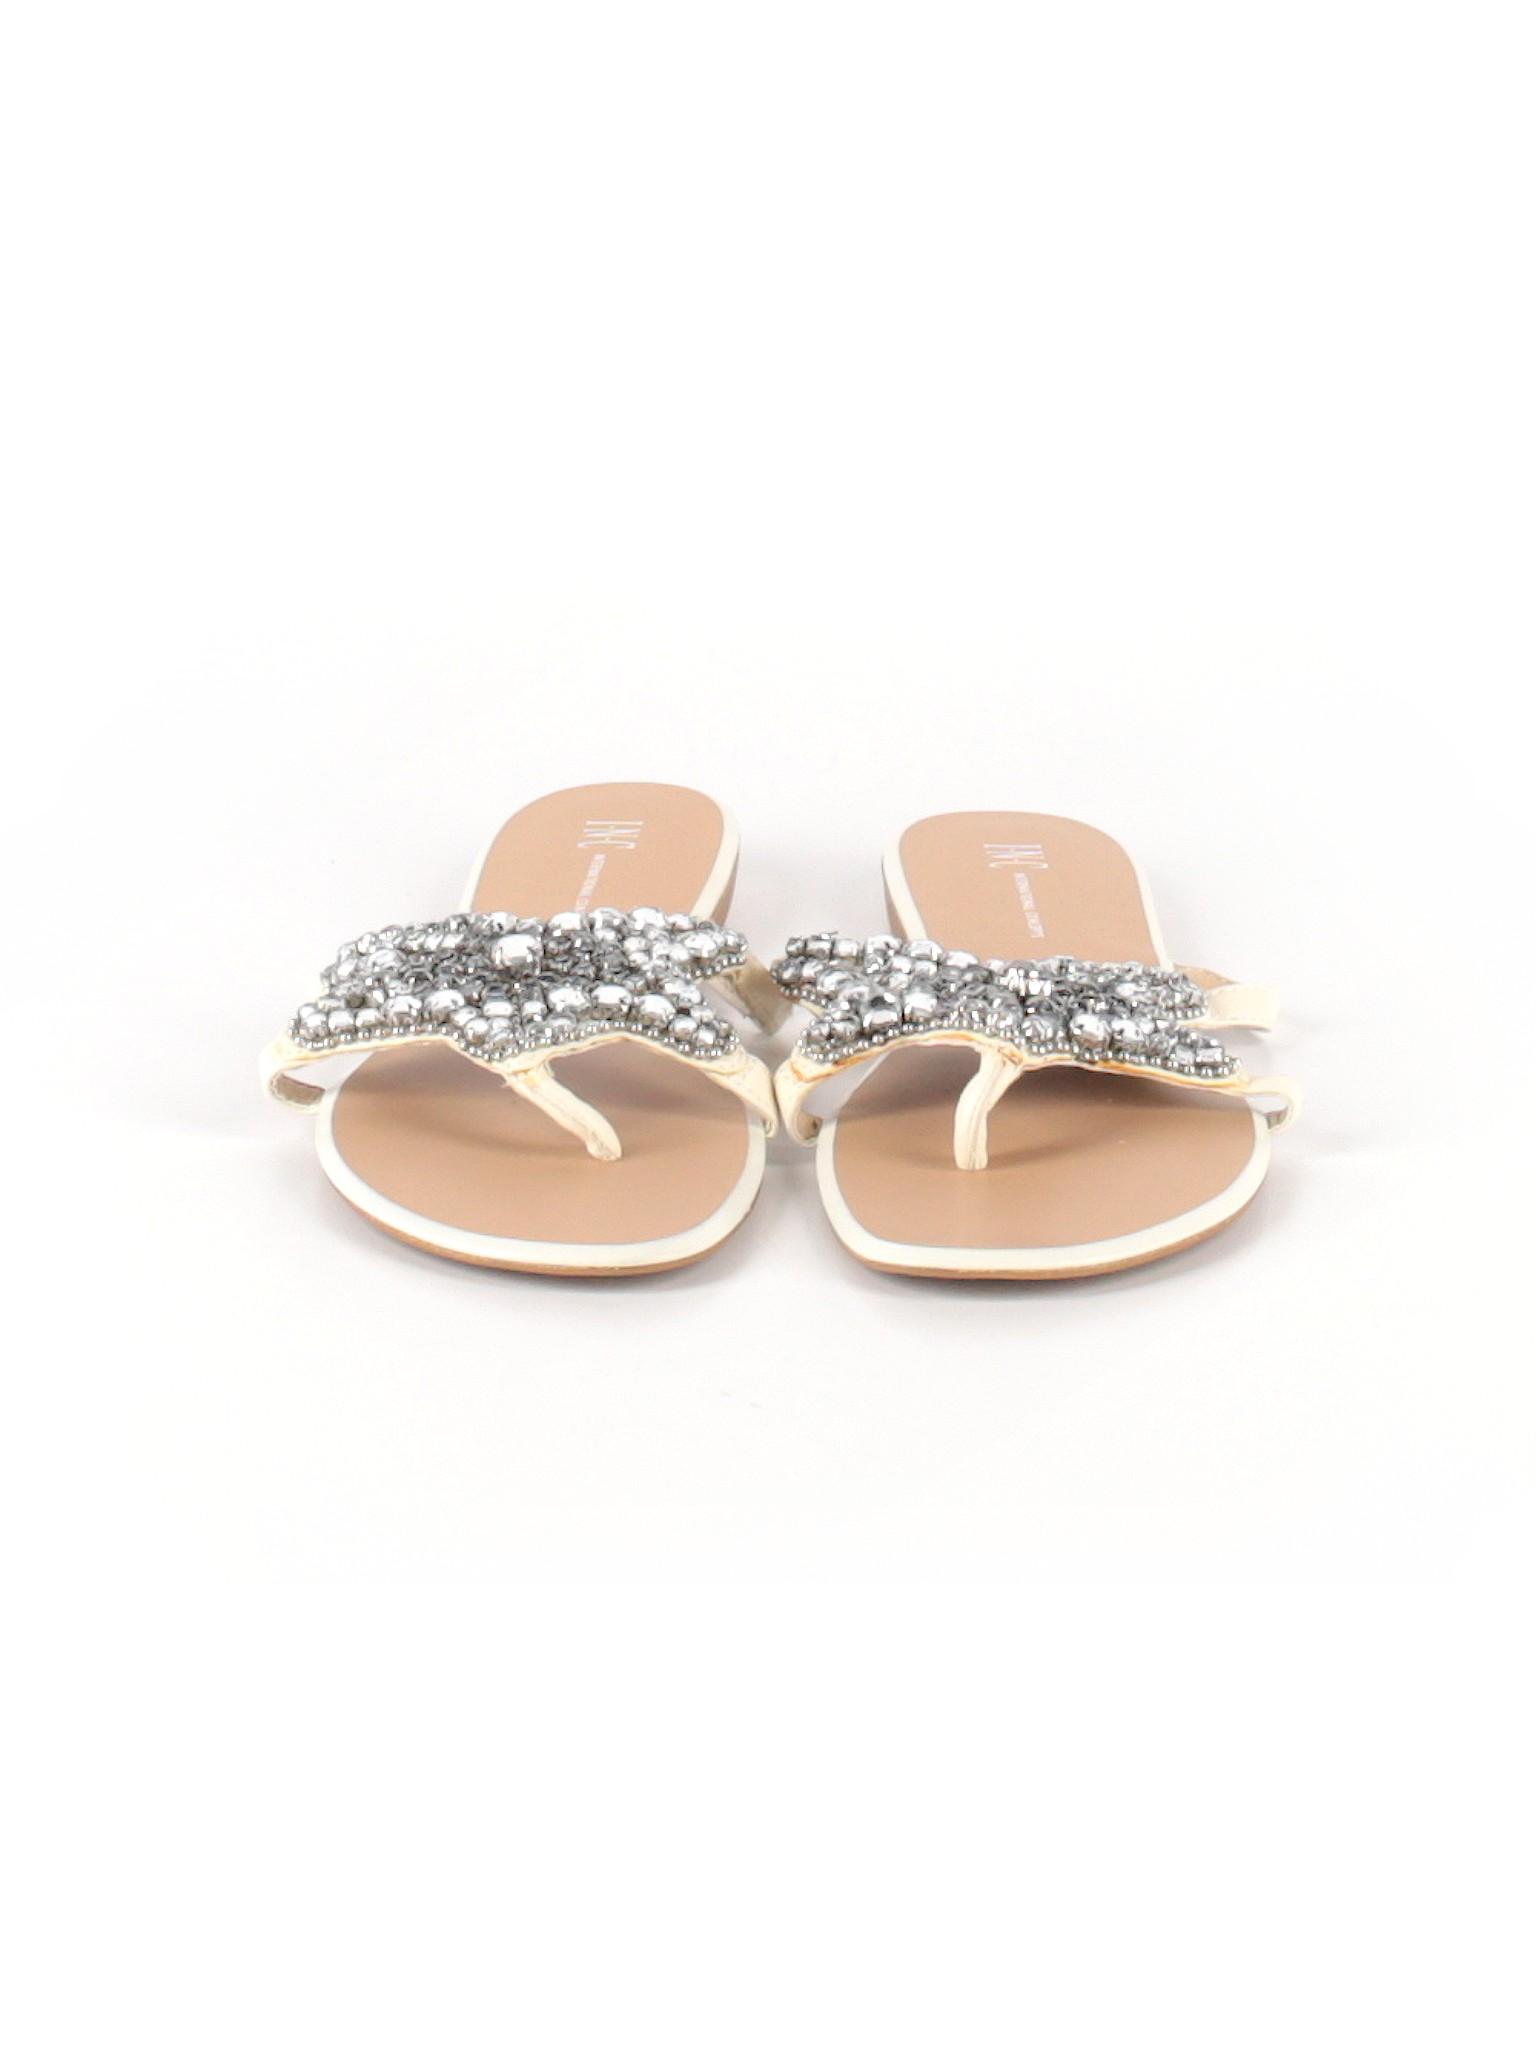 promotion INC Sandals Concepts Boutique International qgBg8